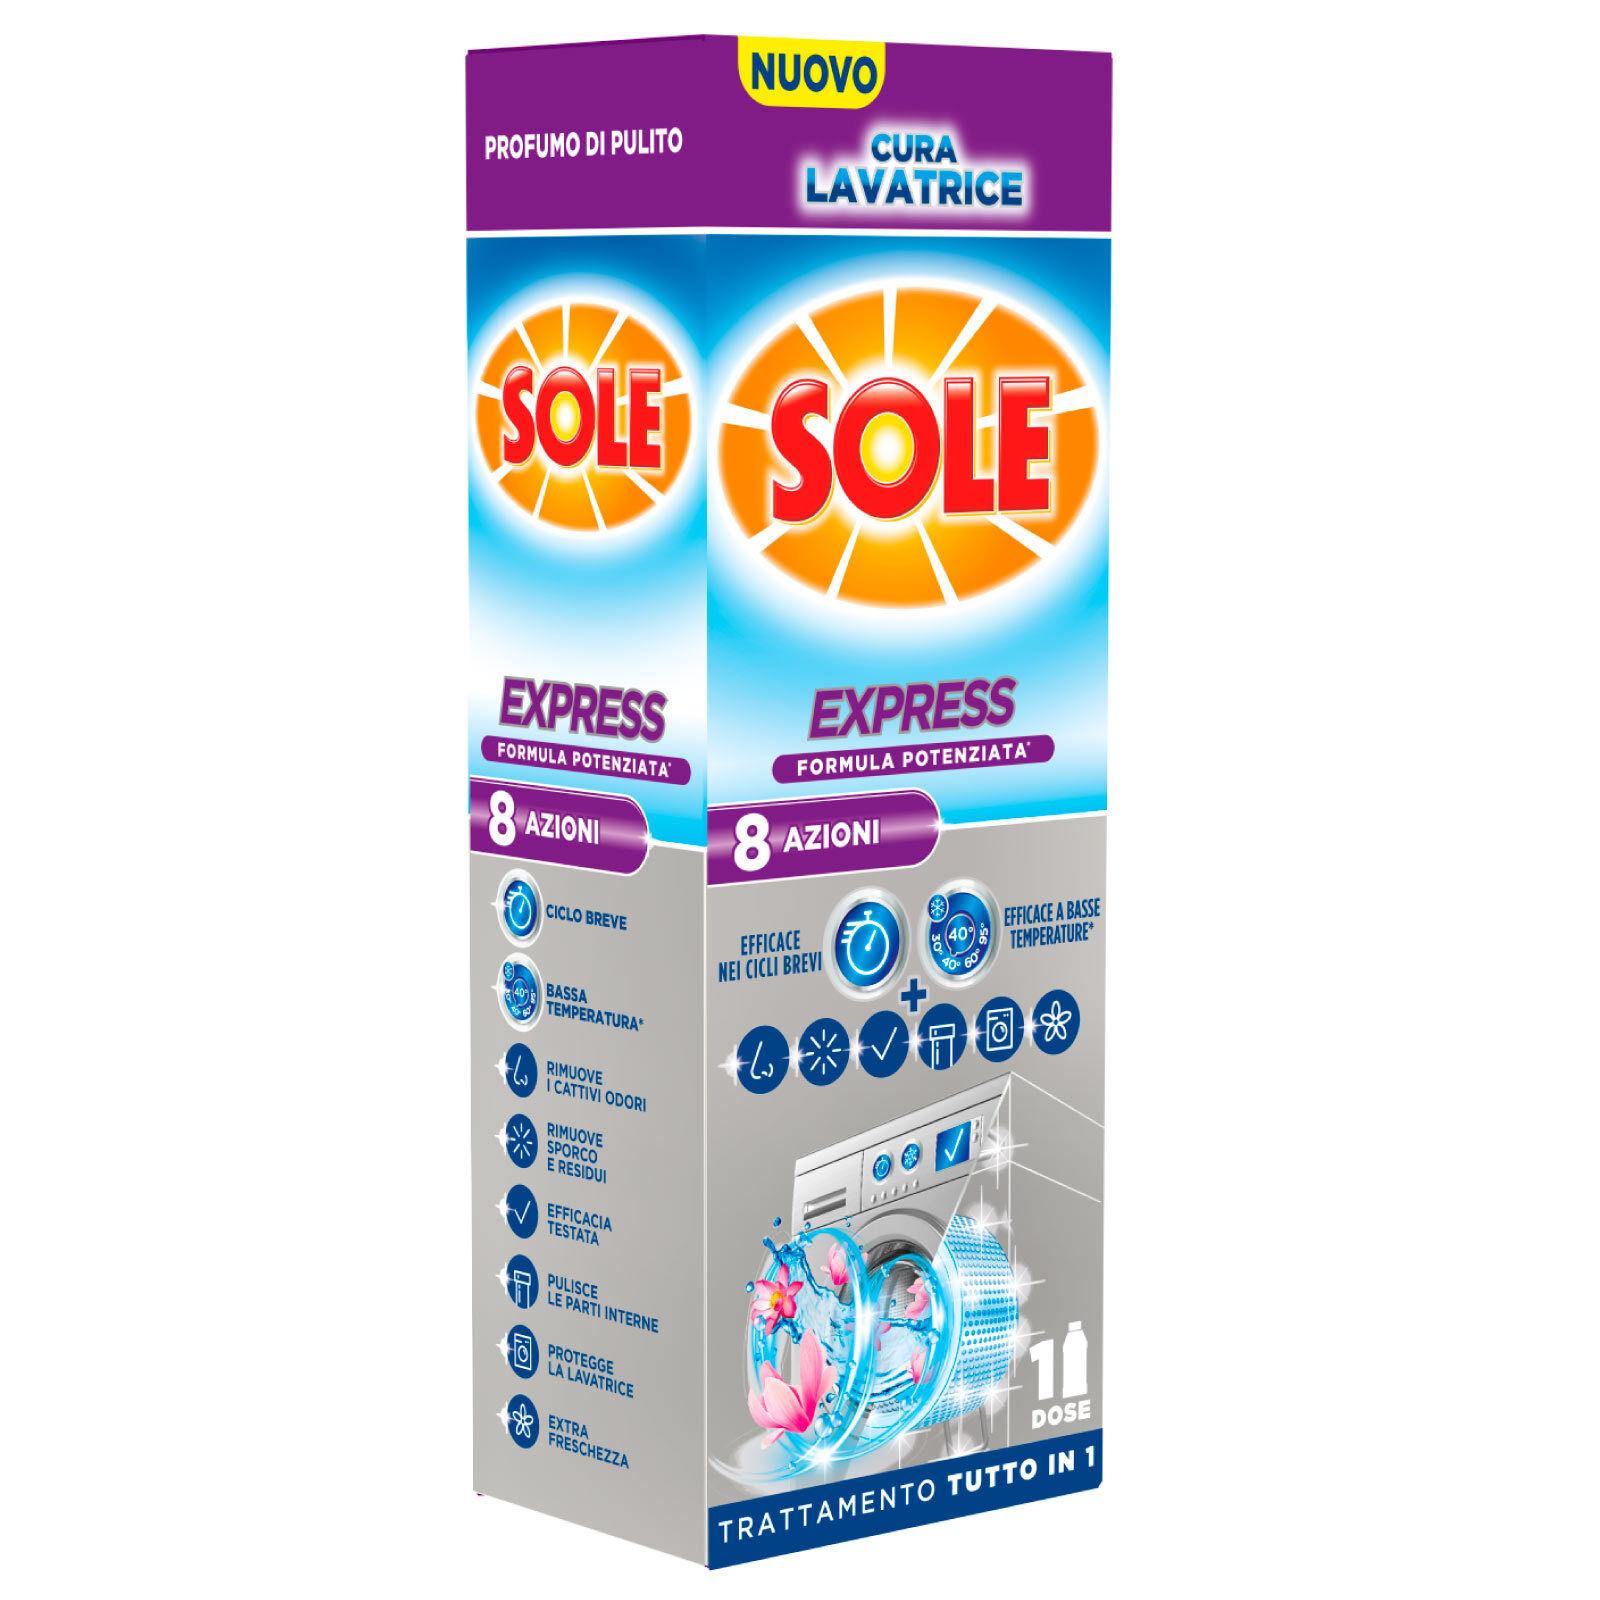 4,49 € per Sole Cura Lavatrice Express Igienizzante Liquido Lavatrice 250ml• su eBay.it